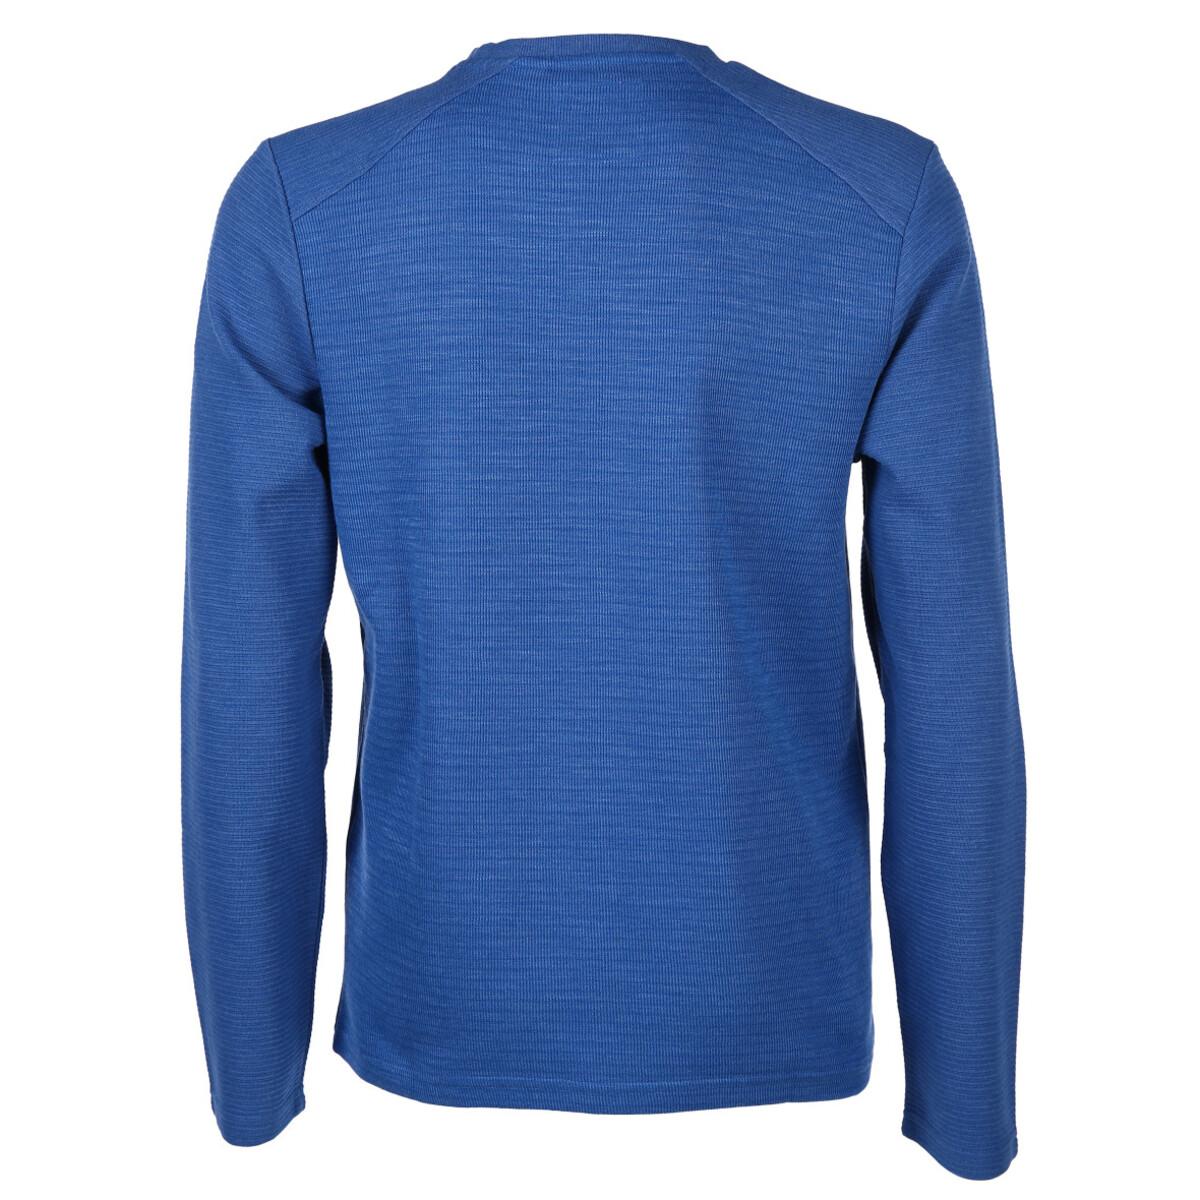 Bild 2 von Herren Shirt mit Struktur